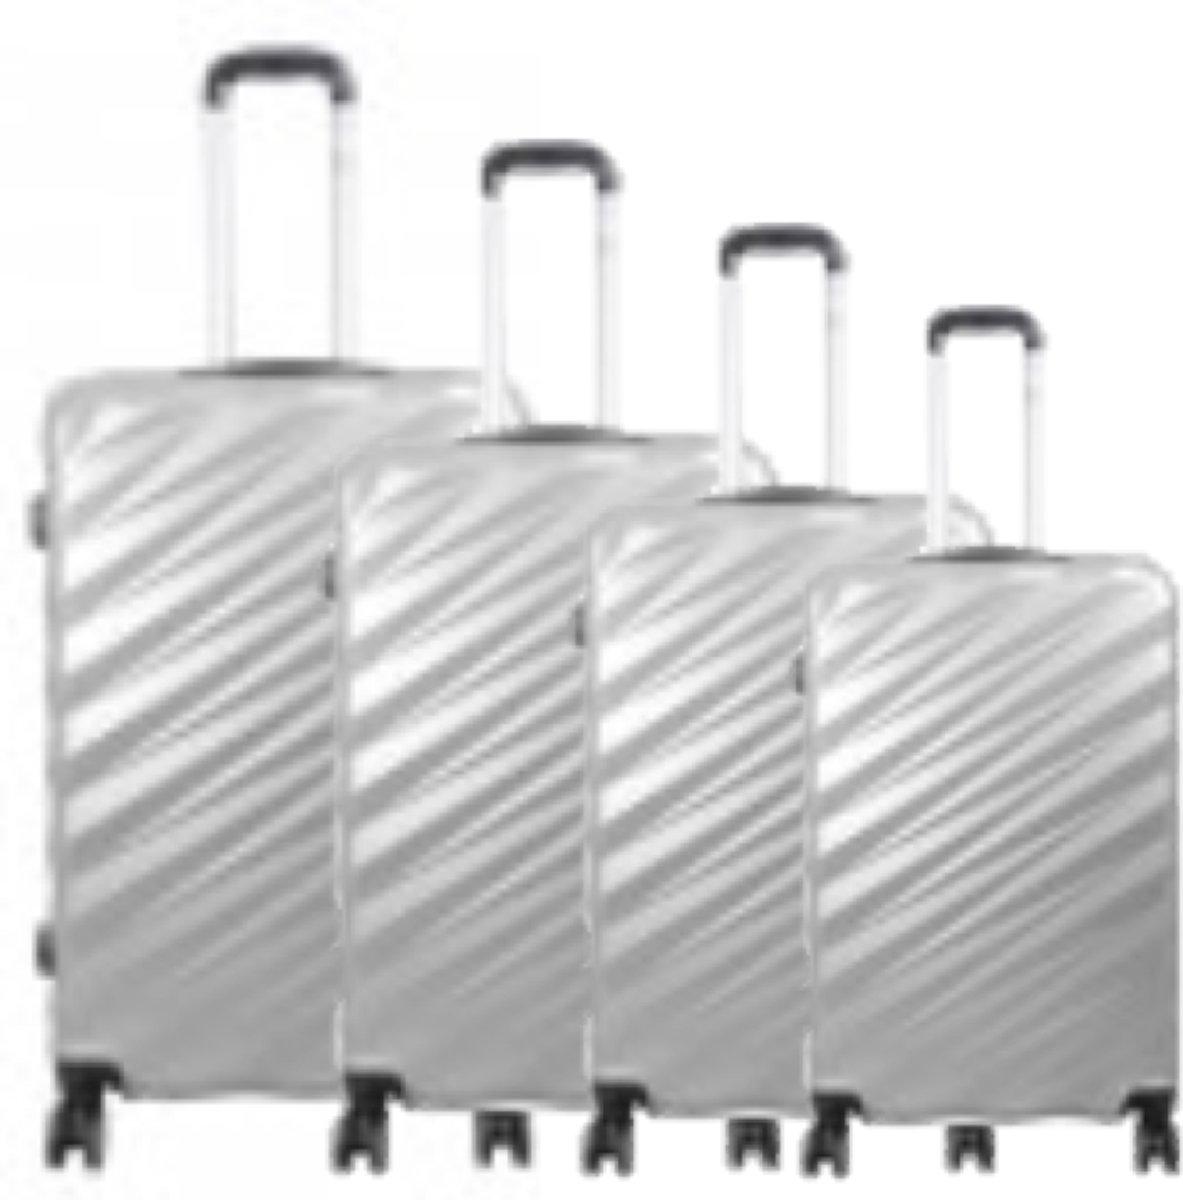 4 delig koffer set travelsuitcase Polycarbonate Pisa zilver kopen